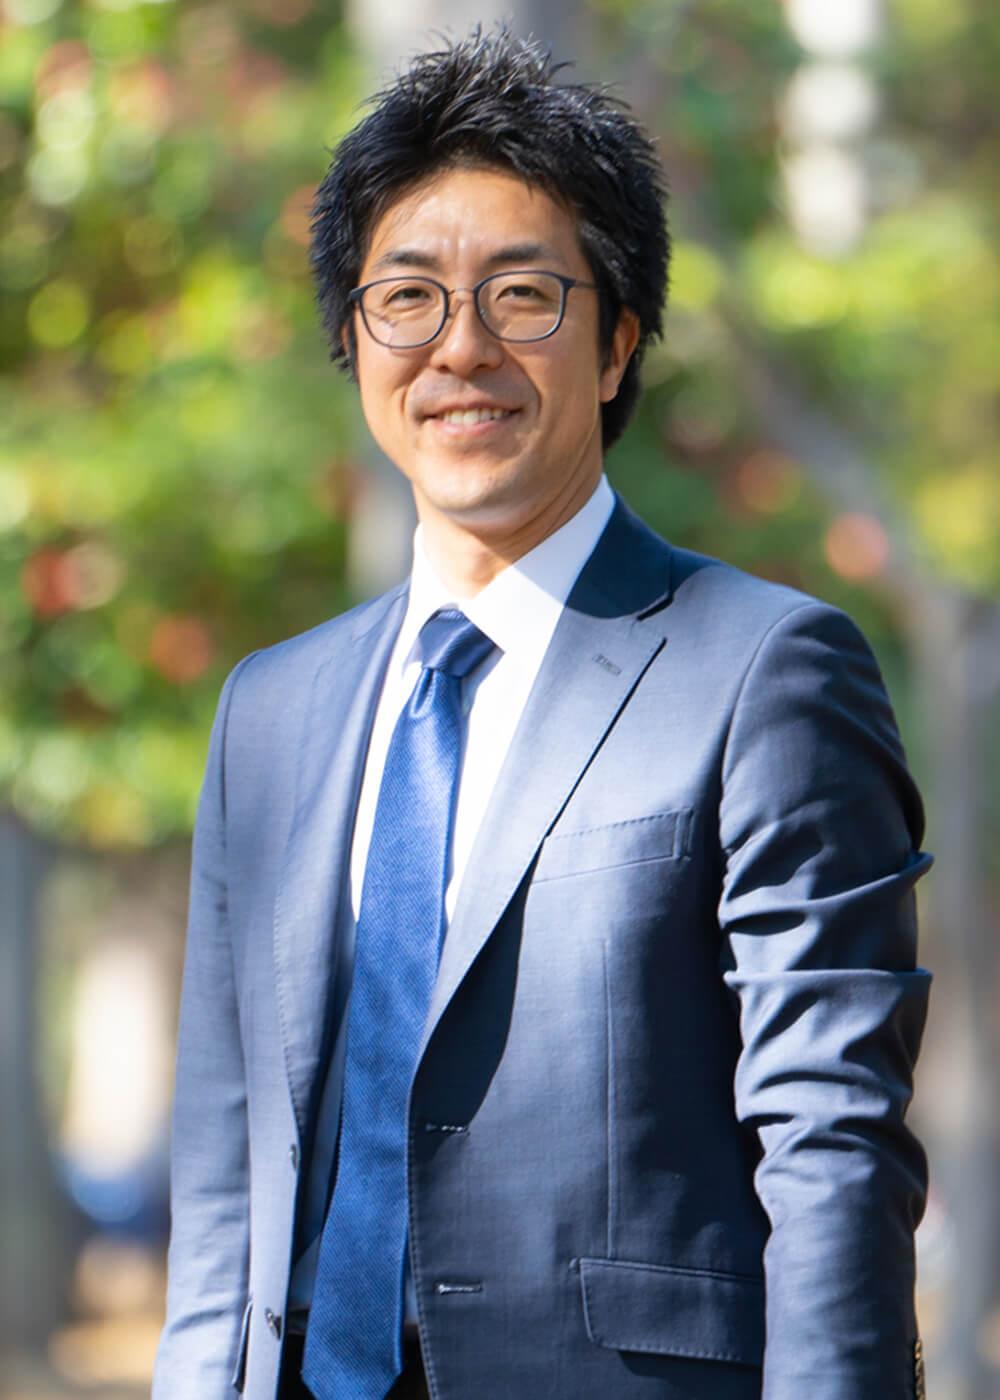 代表取締役社長 畑圭一郎